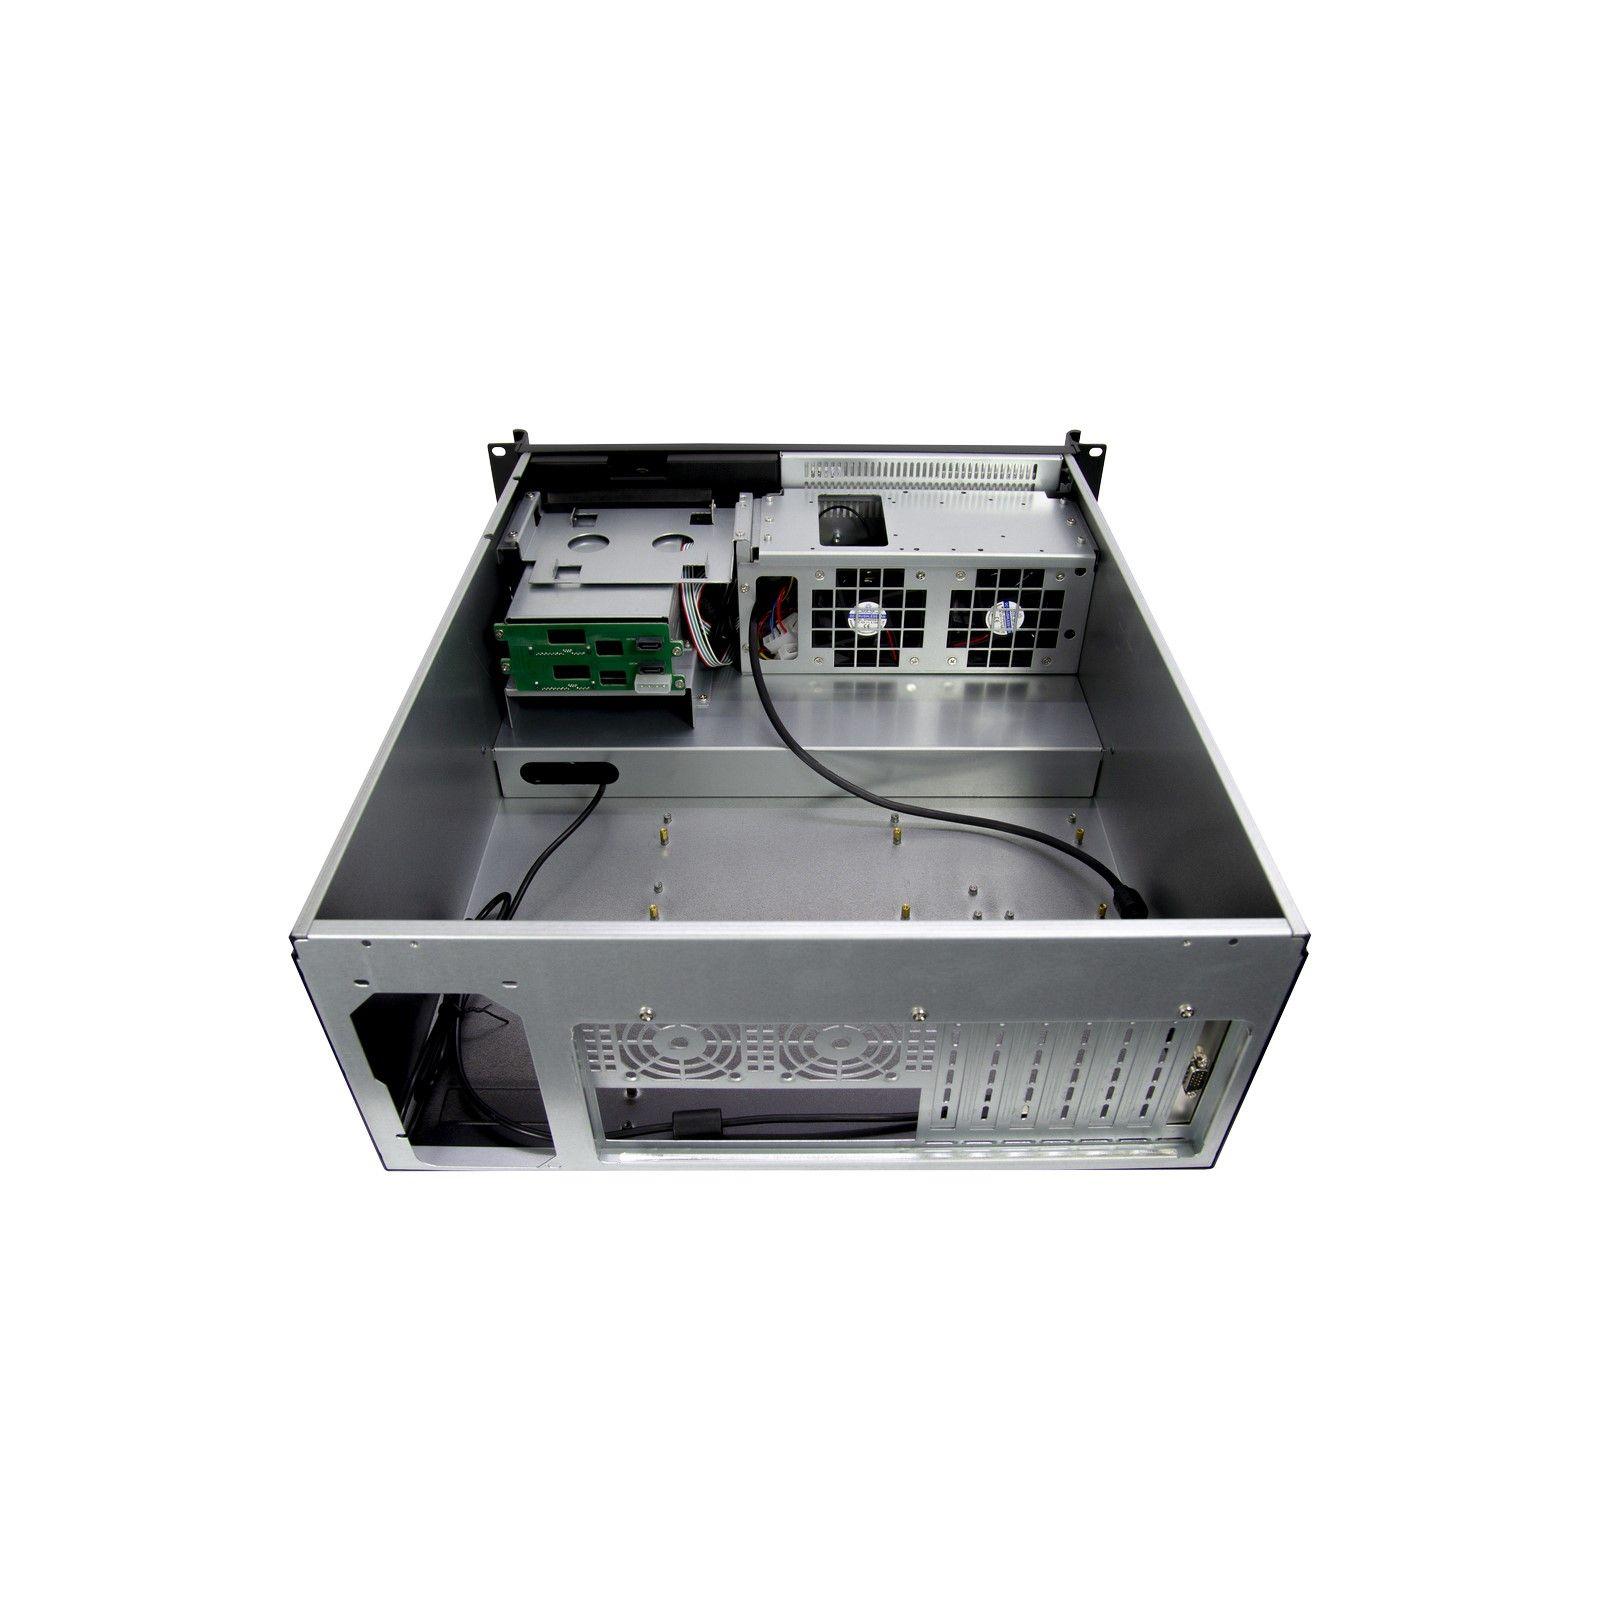 Корпус для сервера Inter-Tech 4U-4452 (456586) изображение 4